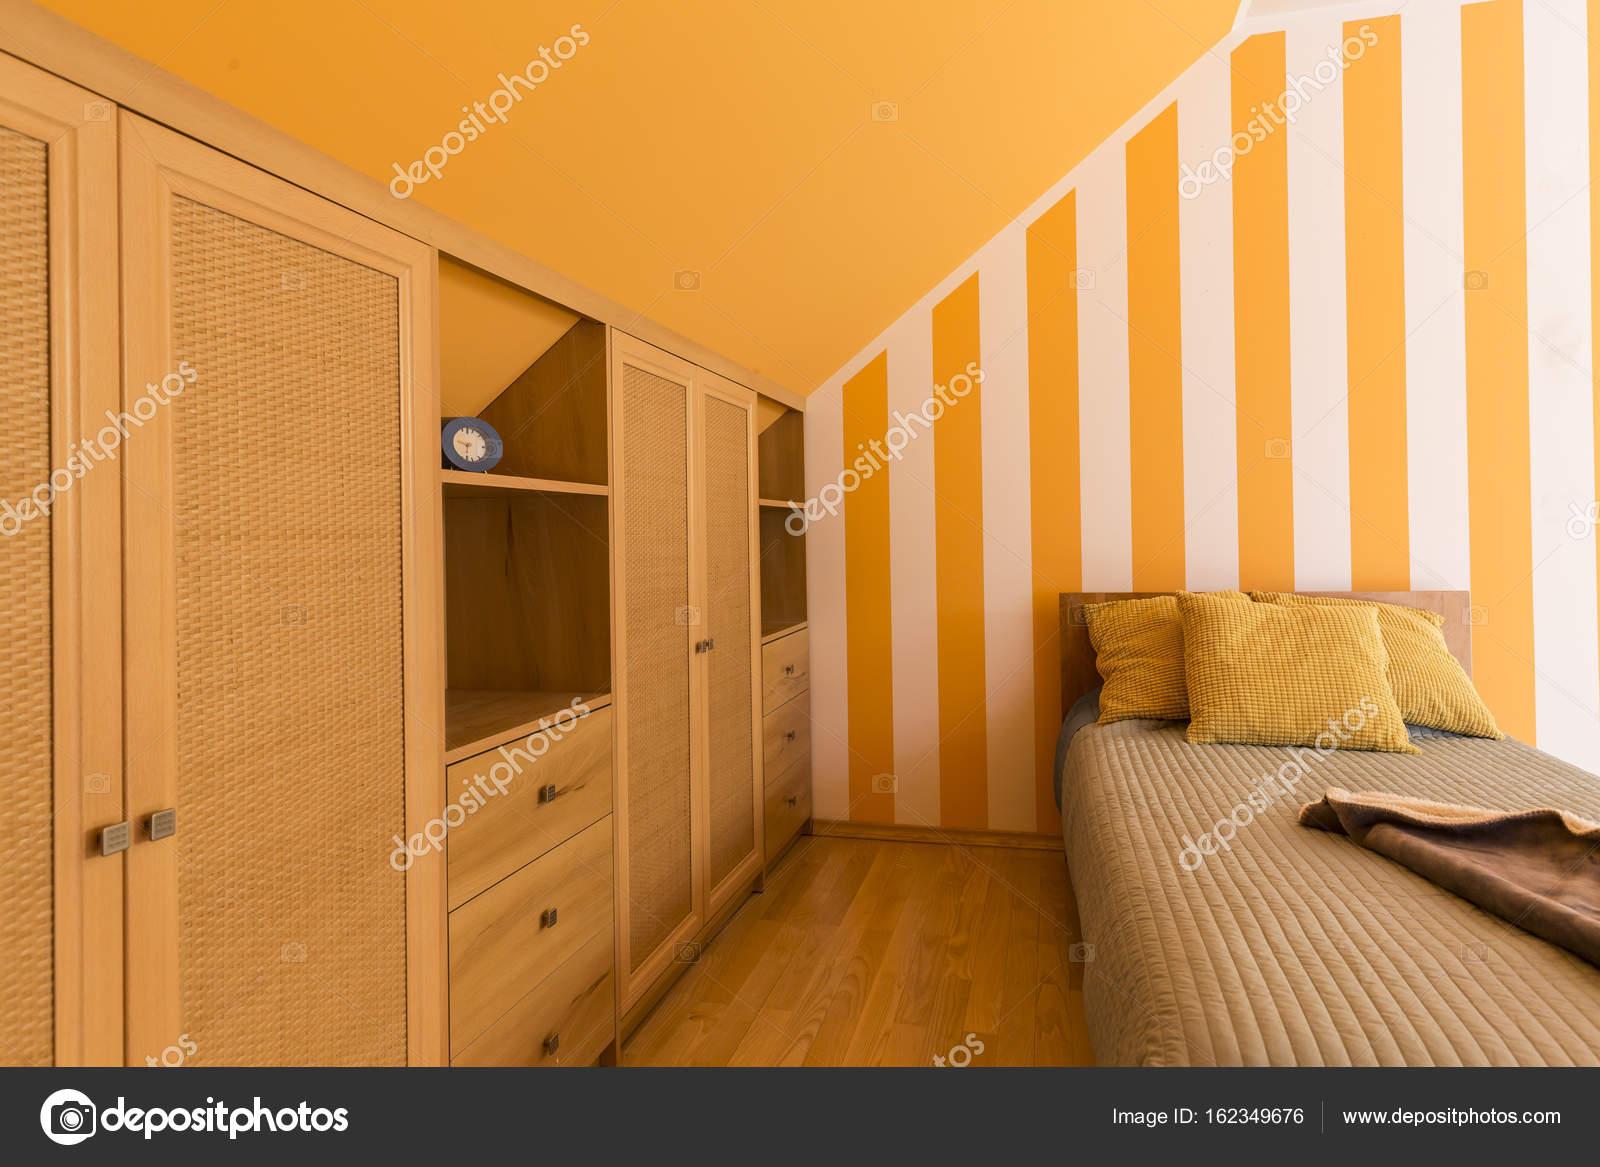 Camera da letto bianco e arancio con letto piccolo — Foto Stock ...